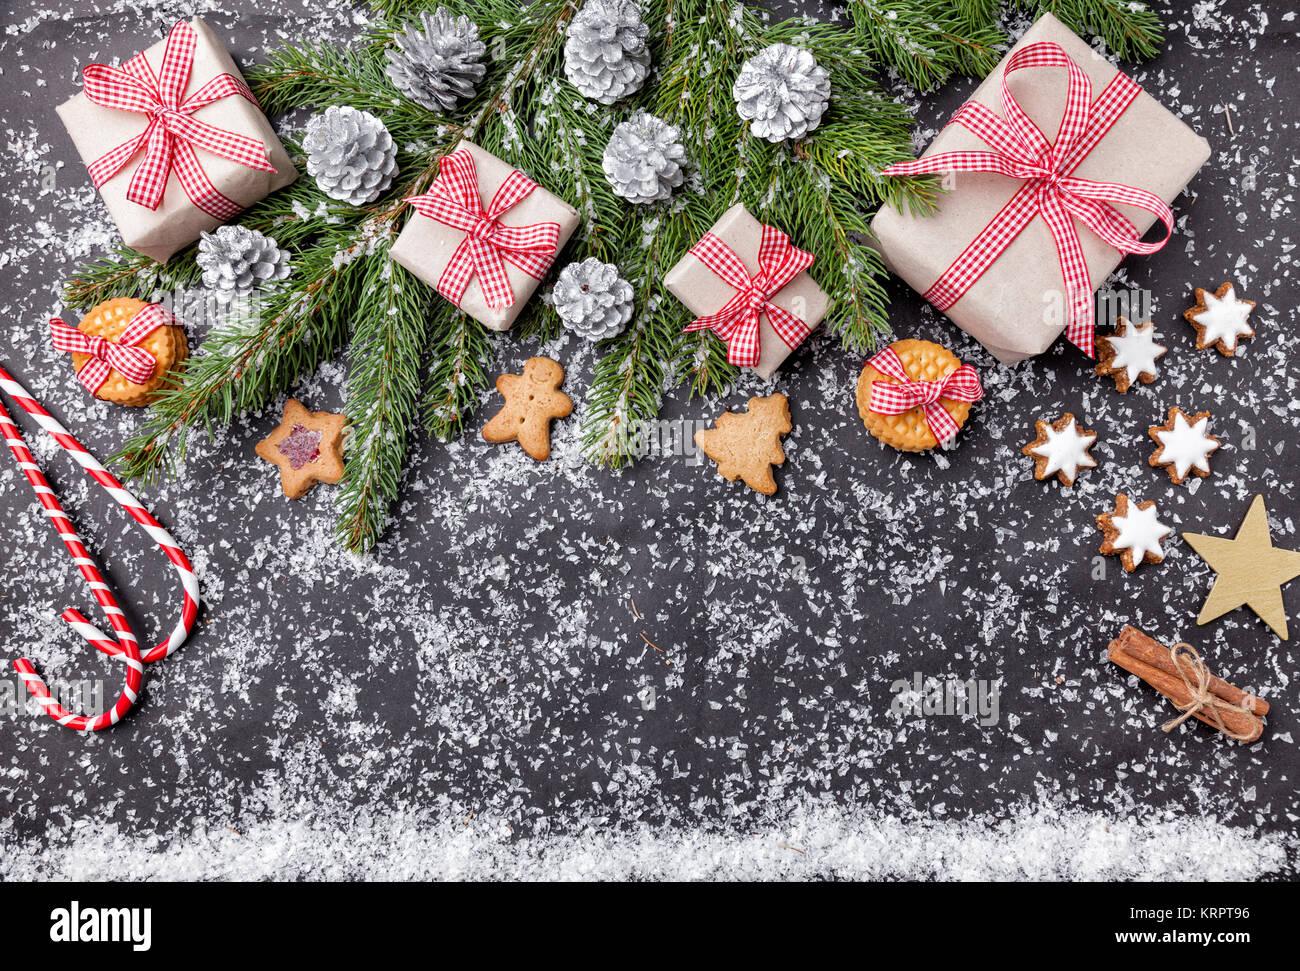 Weihnachtsdekoration und essen Hintergrund mit Schnee Stockfoto